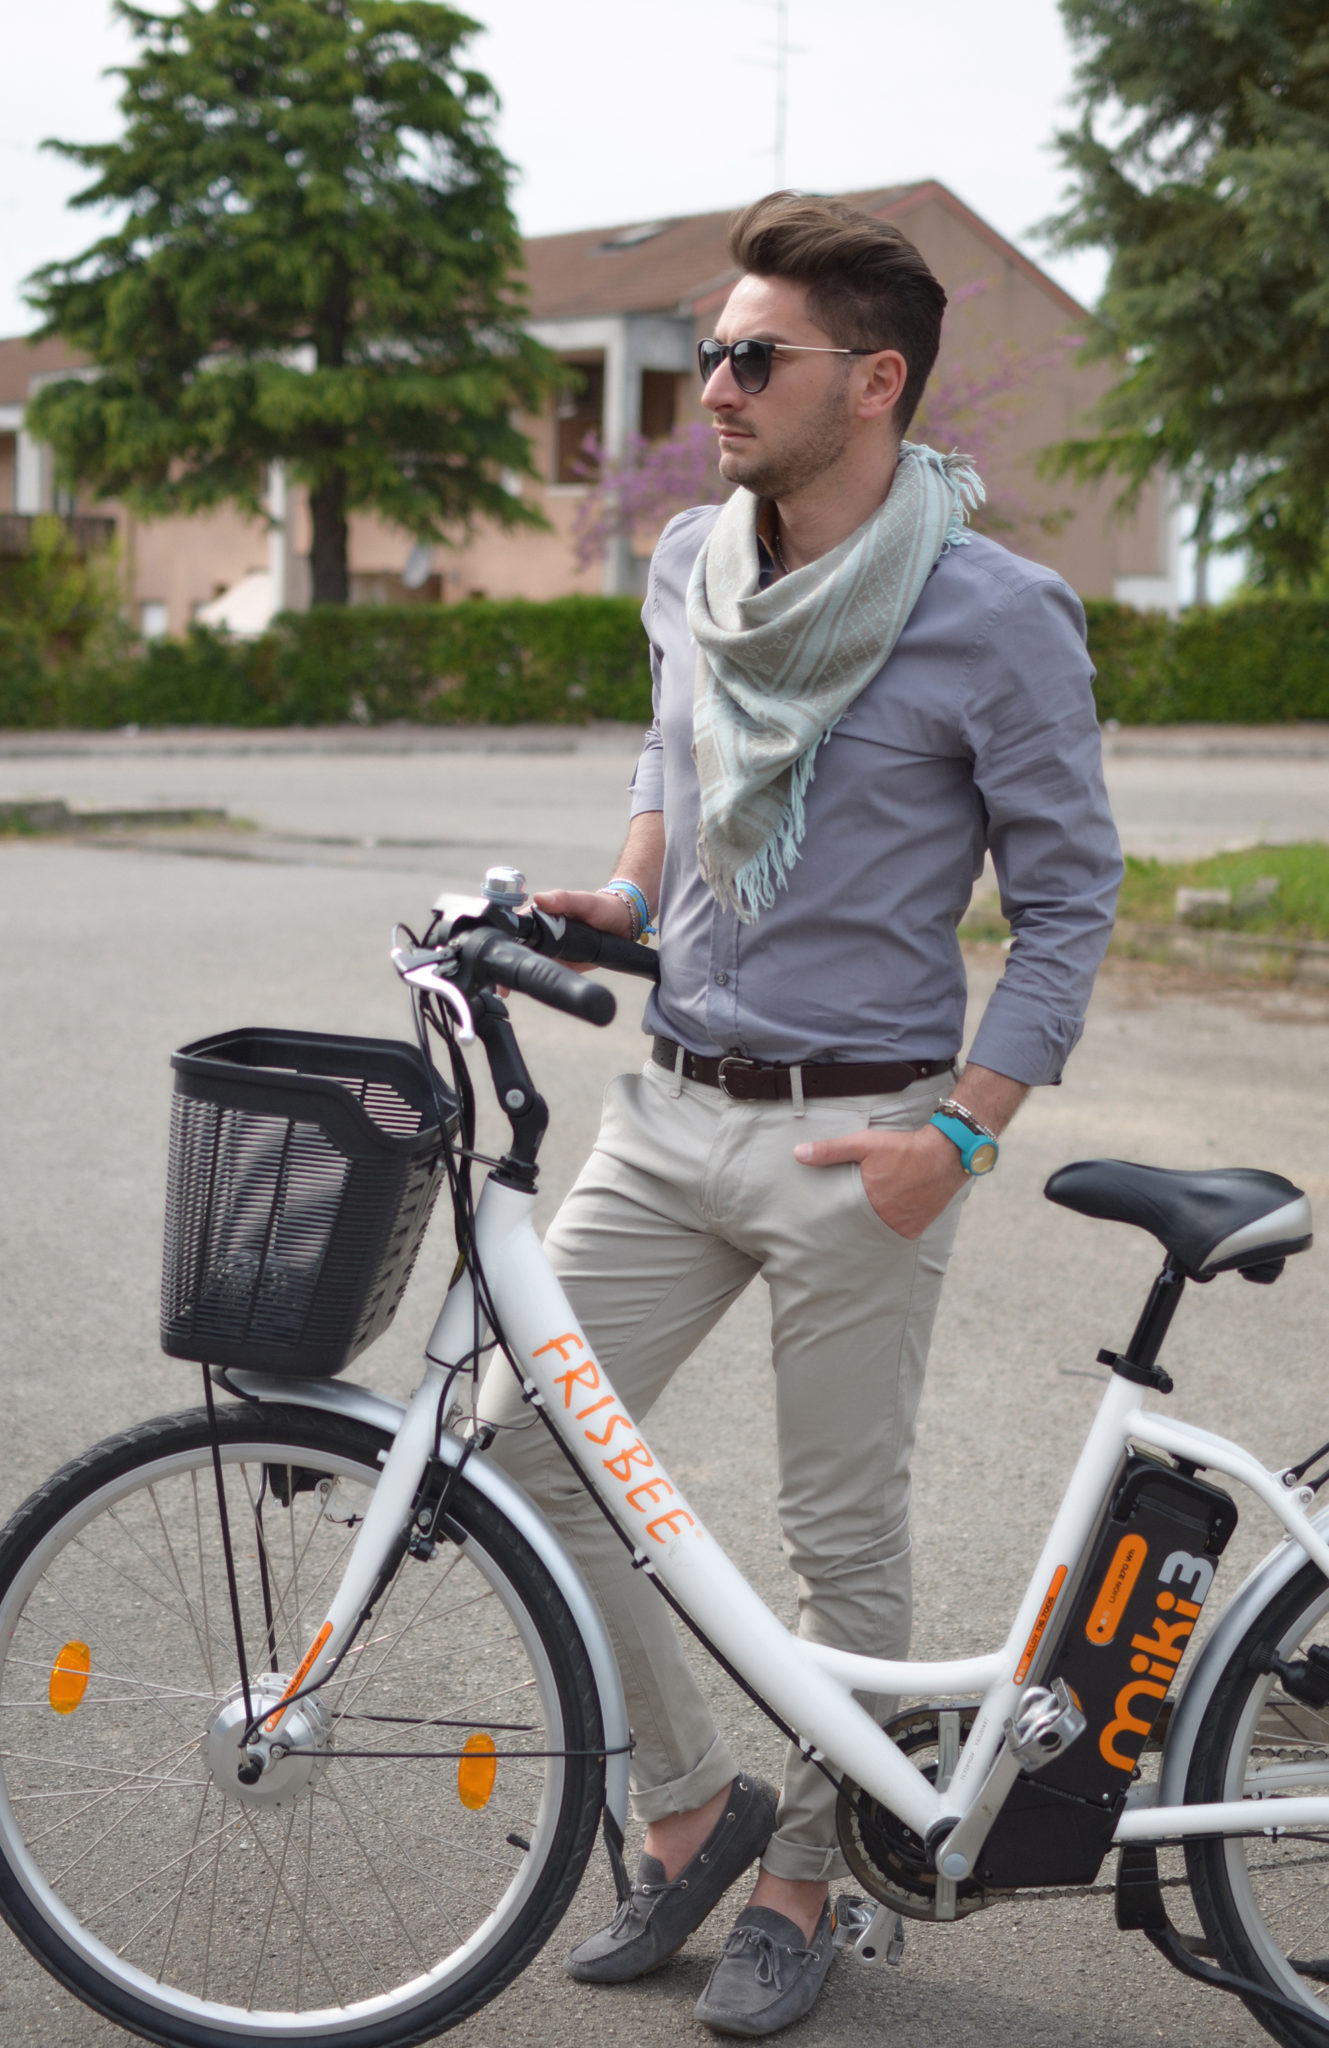 Passeggiando in bicicletta...   Foto Outfit